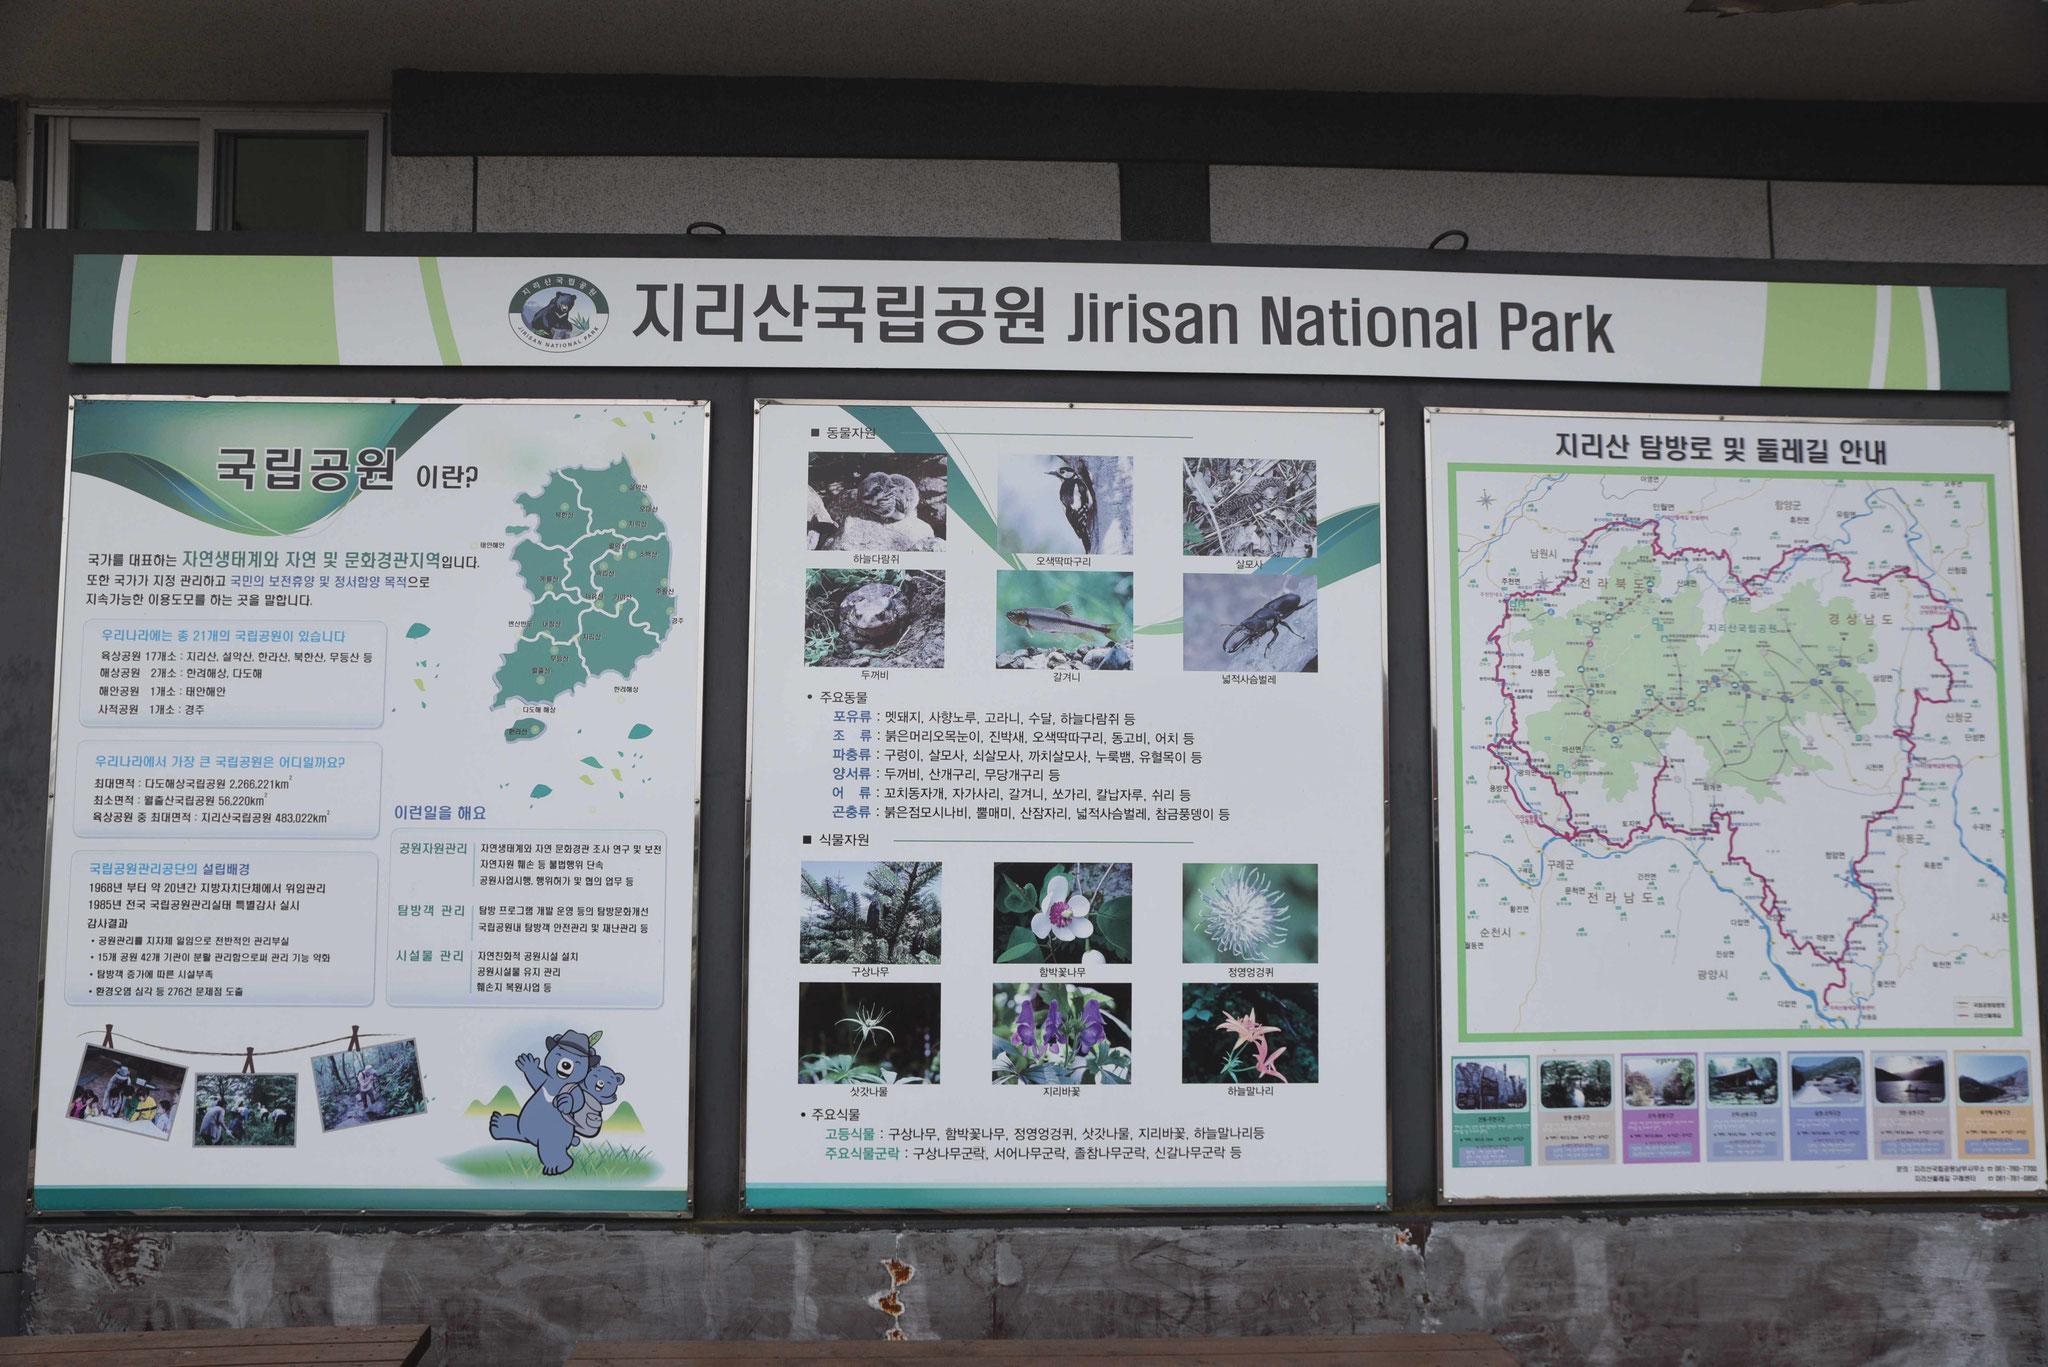 Leider alles relevante nur auf Koreanisch